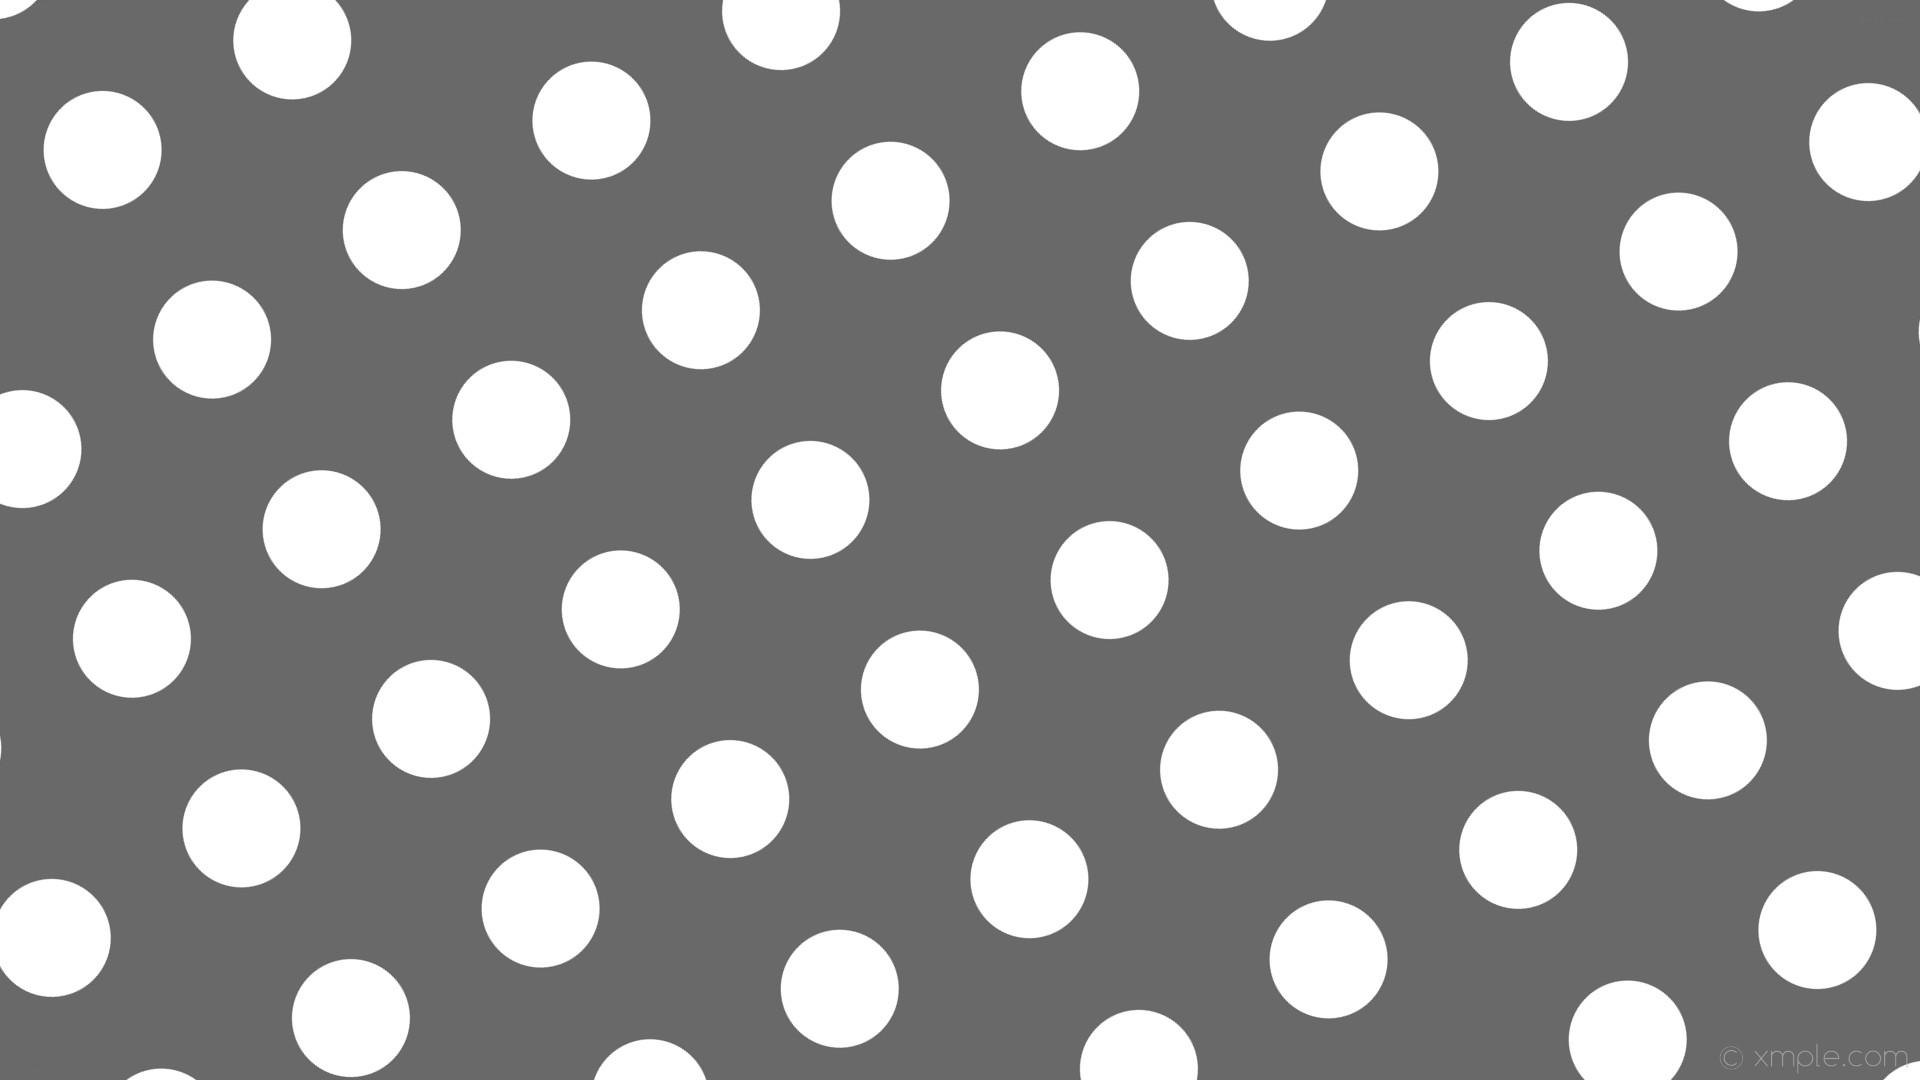 wallpaper polka dots grey white spots dim gray #696969 #ffffff 30° 118px  219px